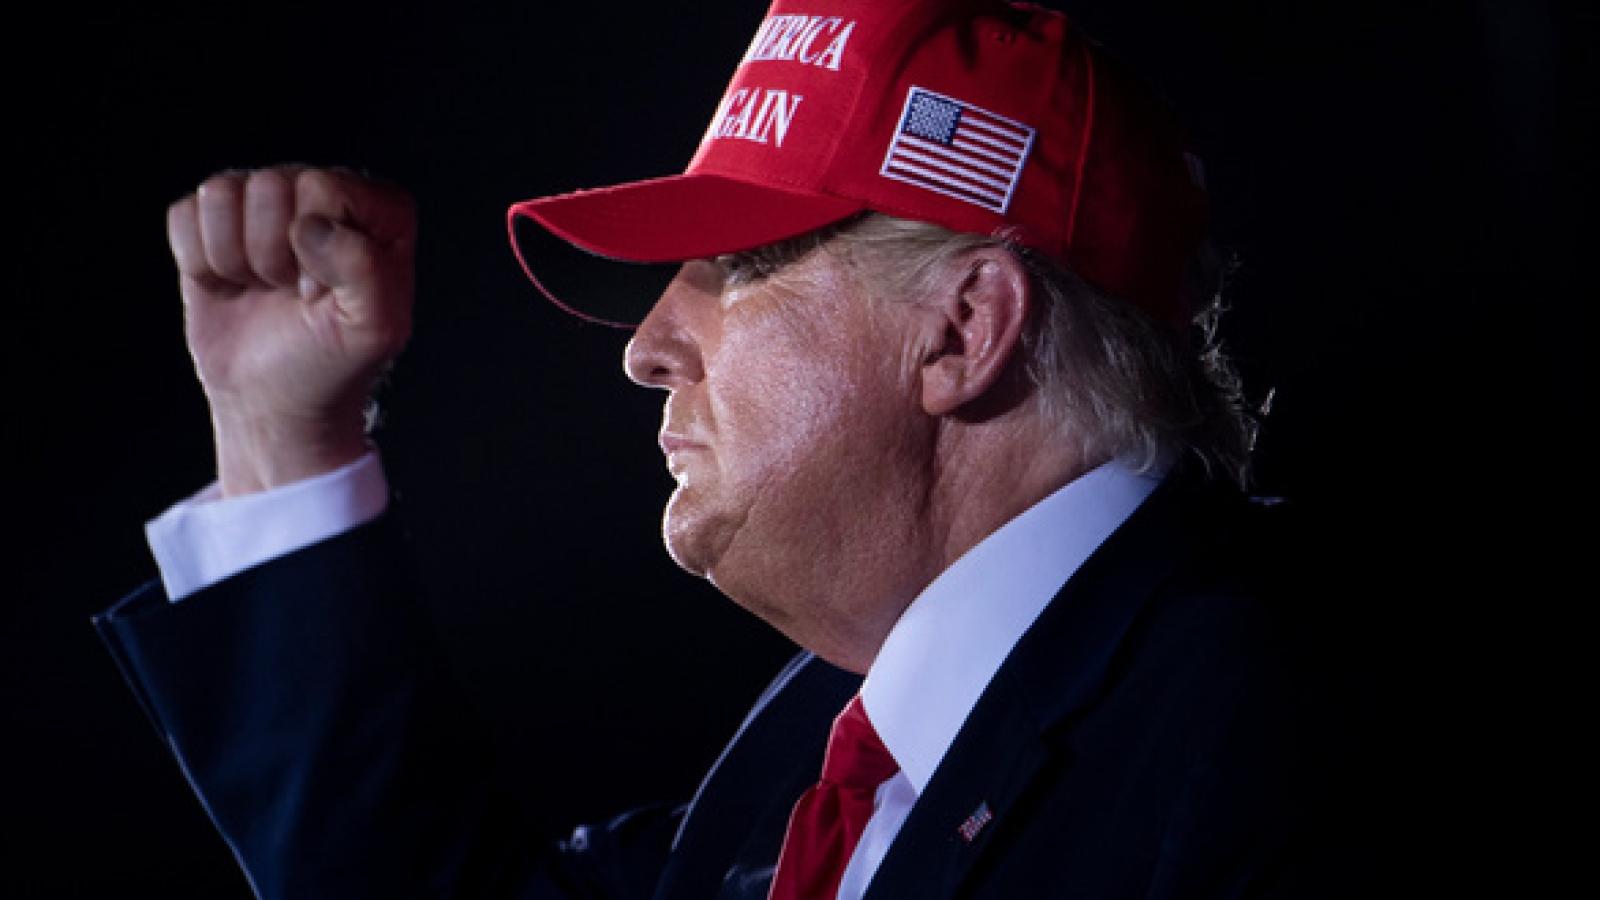 """Donald Trump thất cử nhưng """"chủ nghĩa Trump"""" vẫn có tầm ảnh hưởng lớn"""